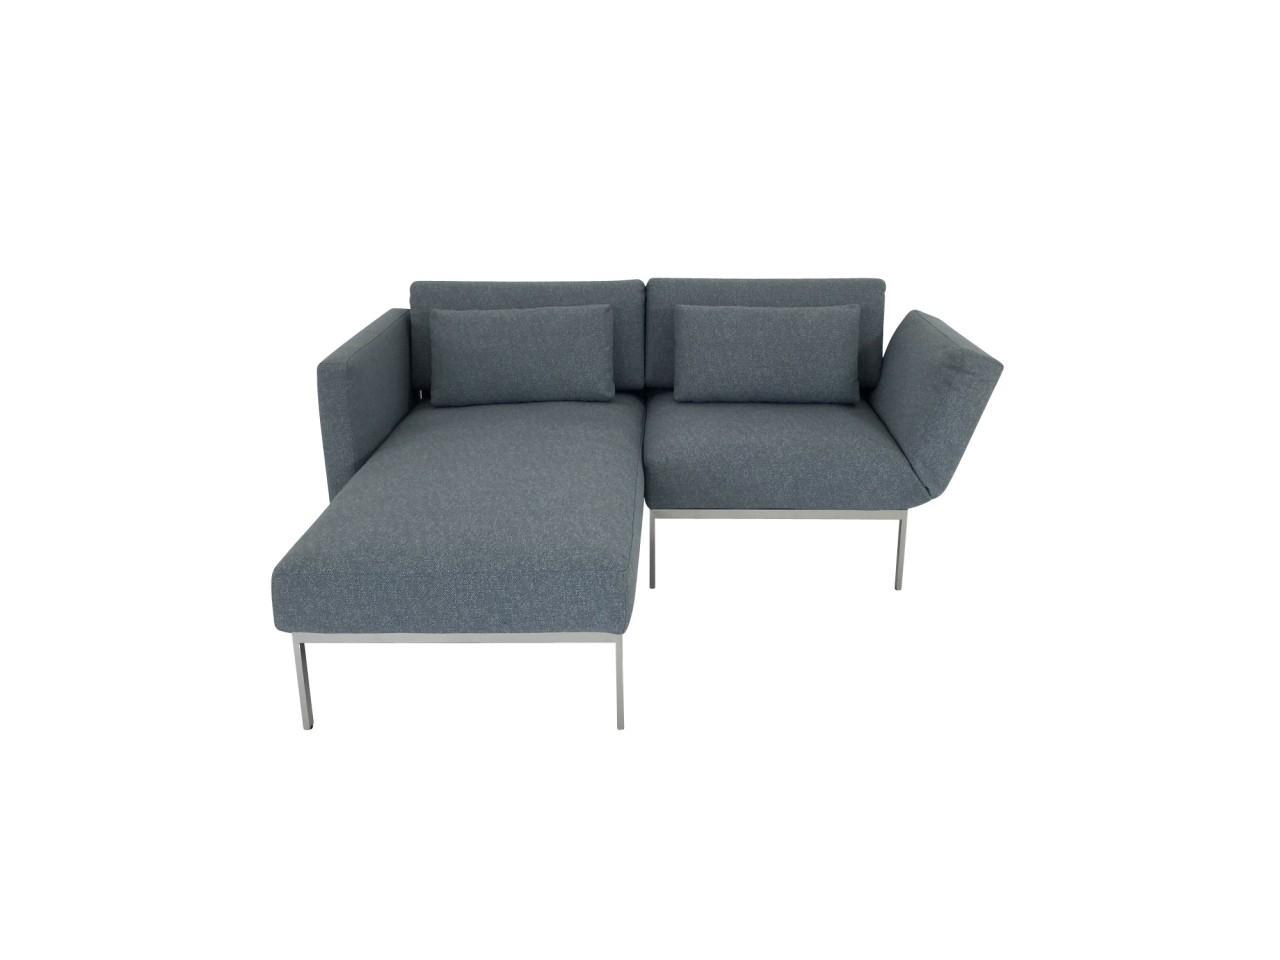 Brühl RORO/20 soft Sofa mit Recamiere weichen Sitzen Gestell verchromt und Drehsitz Stoff graublau